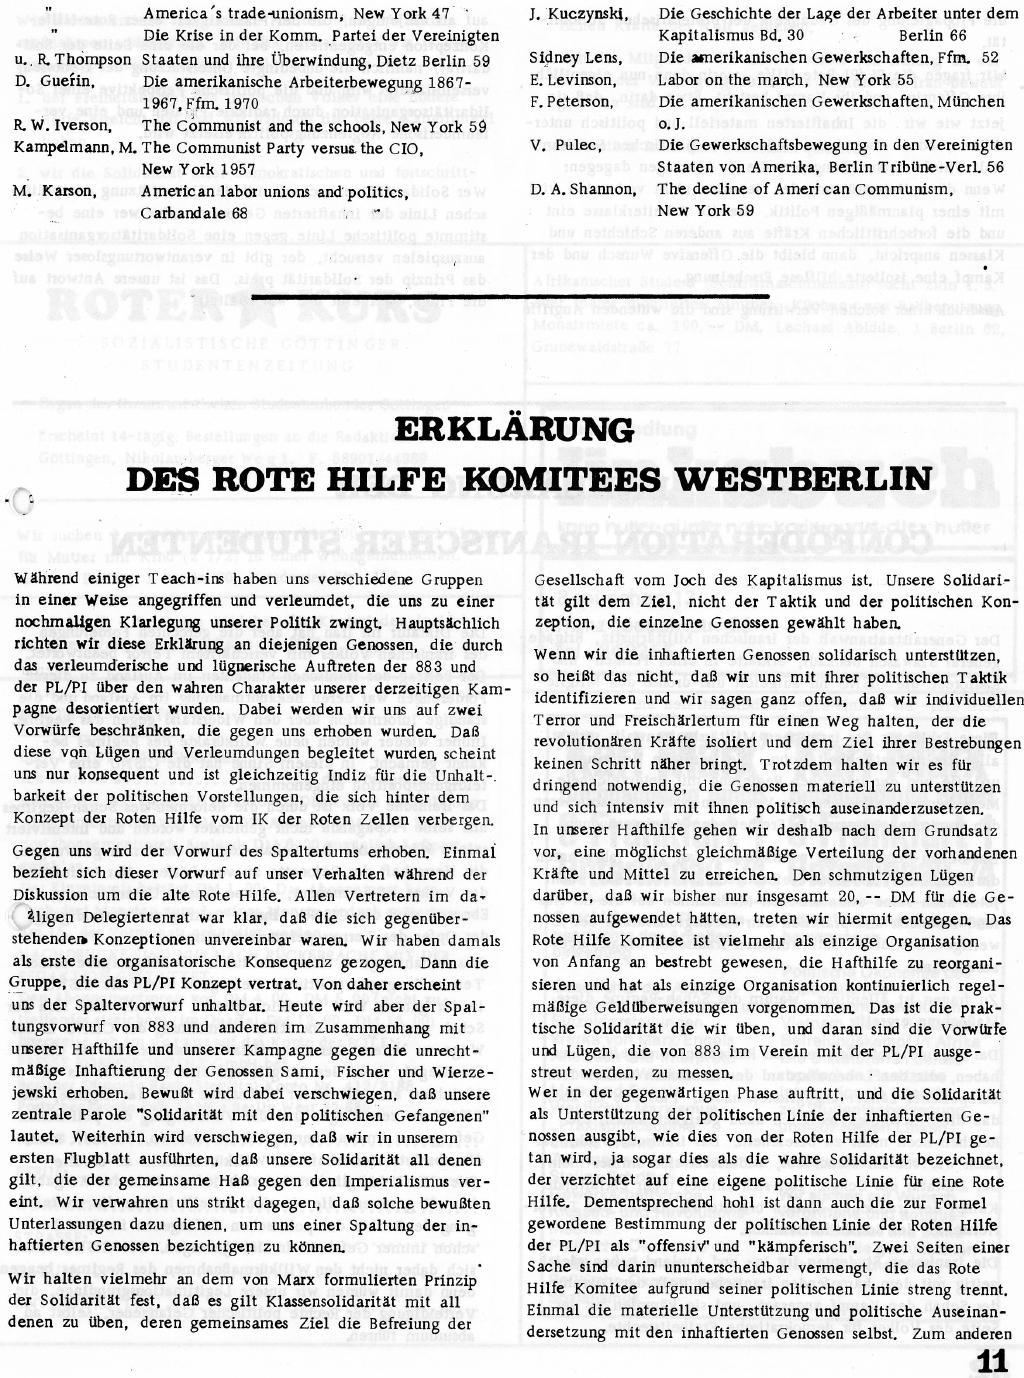 RPK_1971_103_11